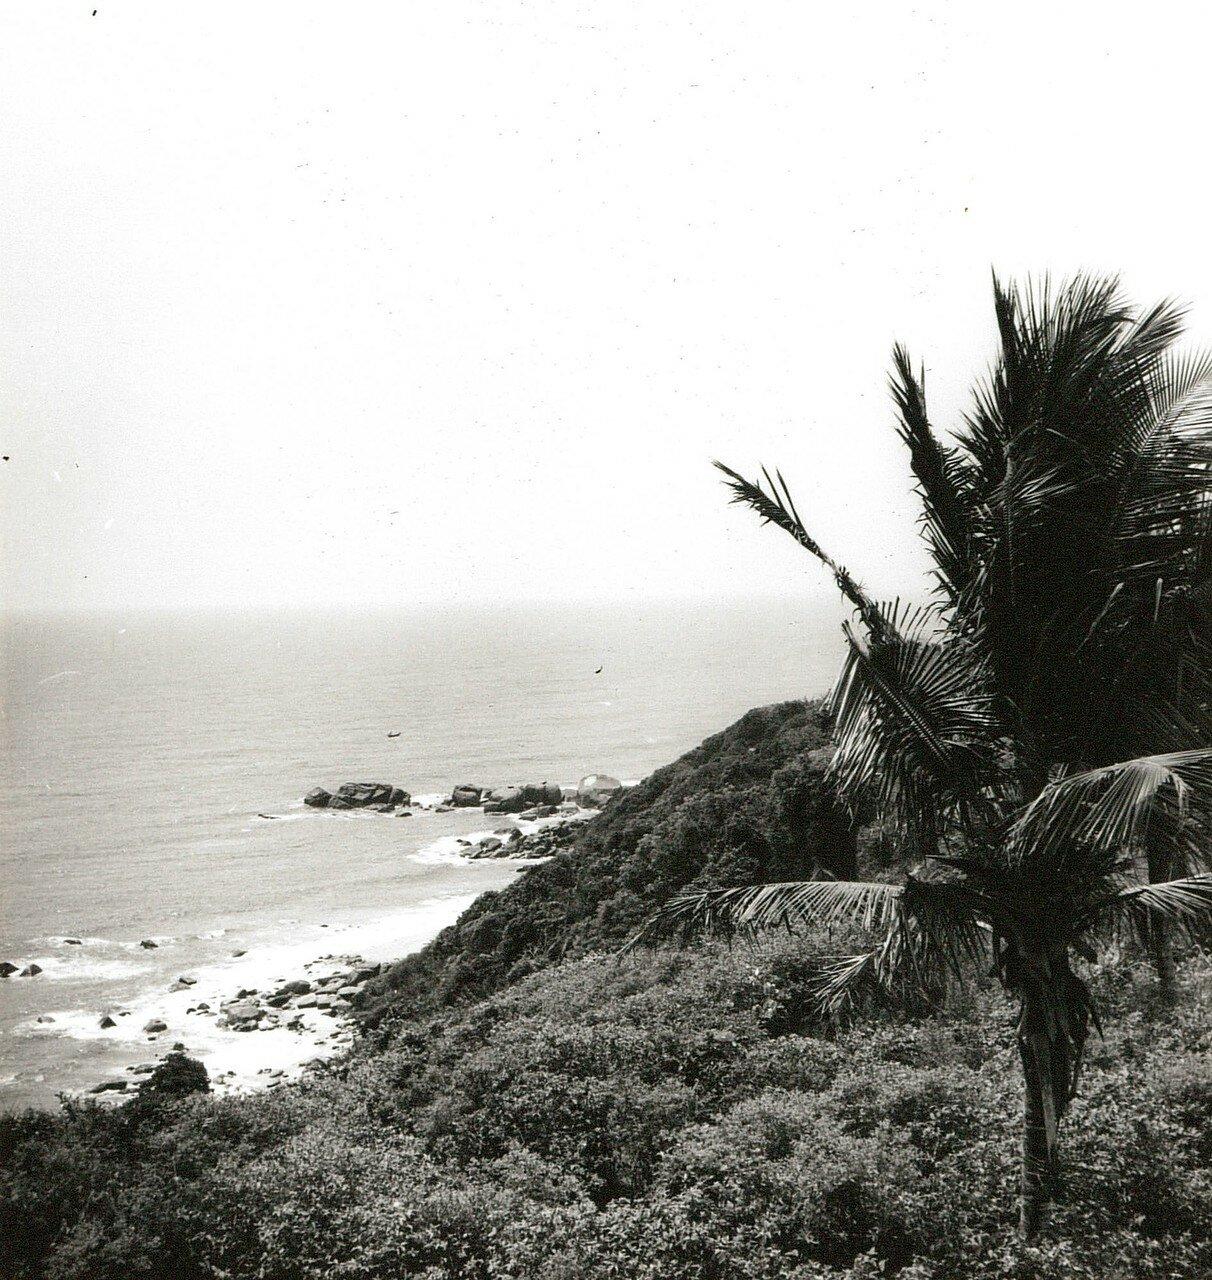 Гвинейский залив. Скала покрытая тропическим лесом